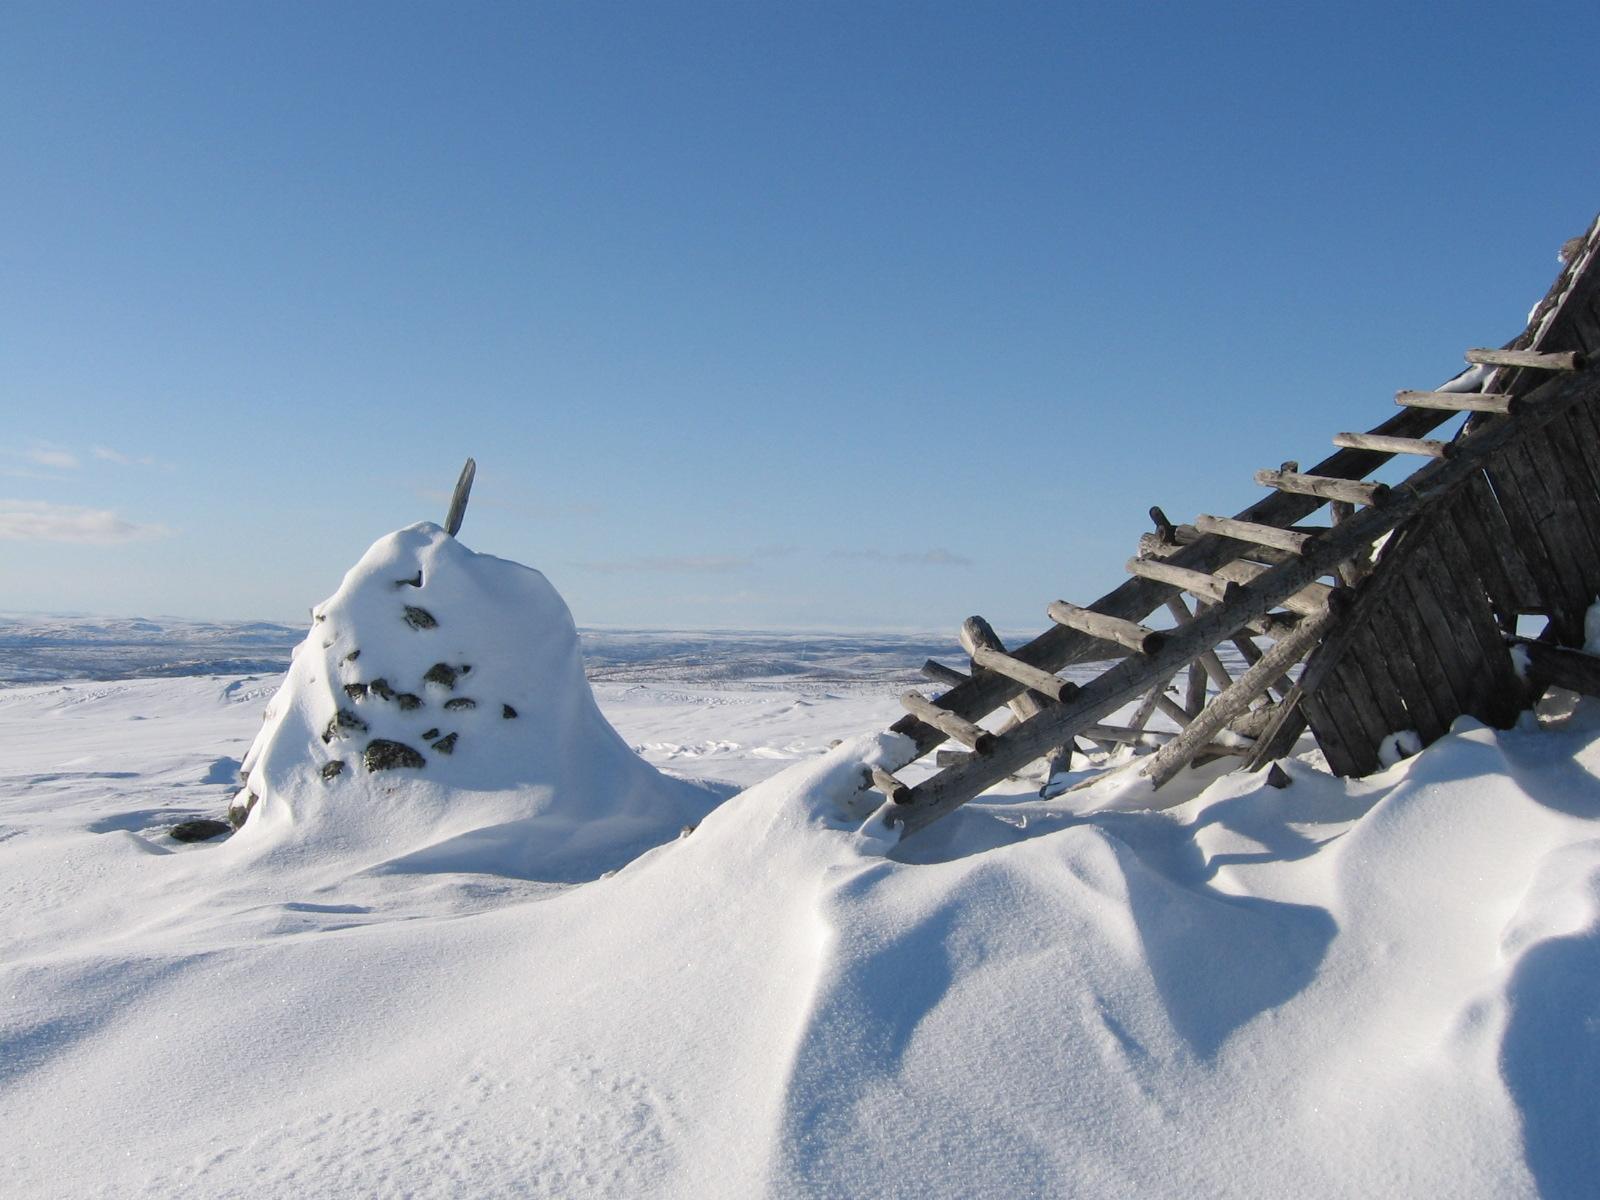 Cuomasvarrilta pohjoiseen, Suomen ja Norjan raja näkyy 14.4.2010